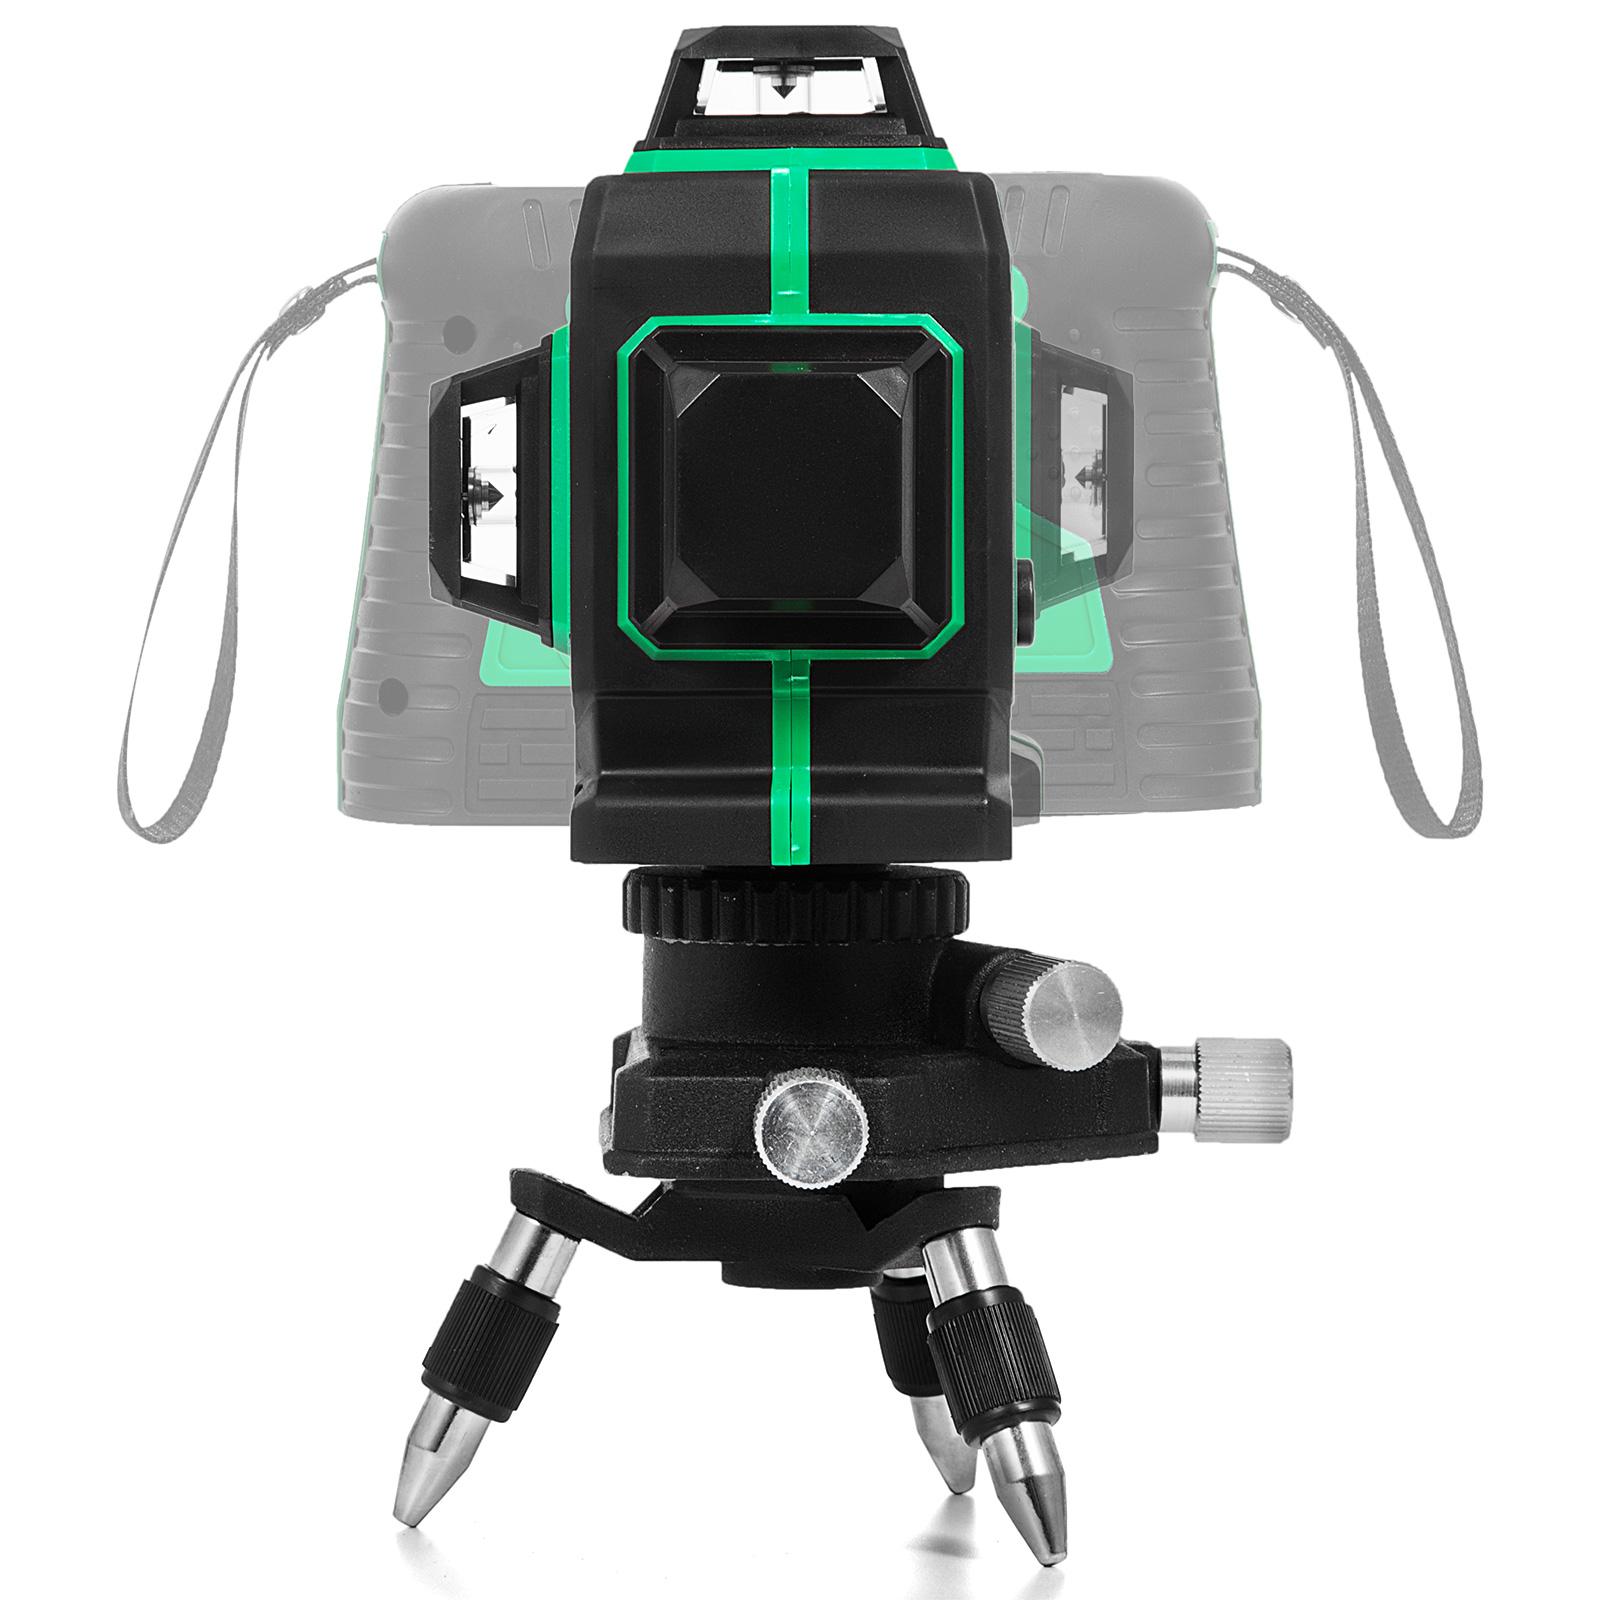 3D Niveau Laser Rotatif 360° Vert Intérieur Pente ajustable Précis Autonivelant